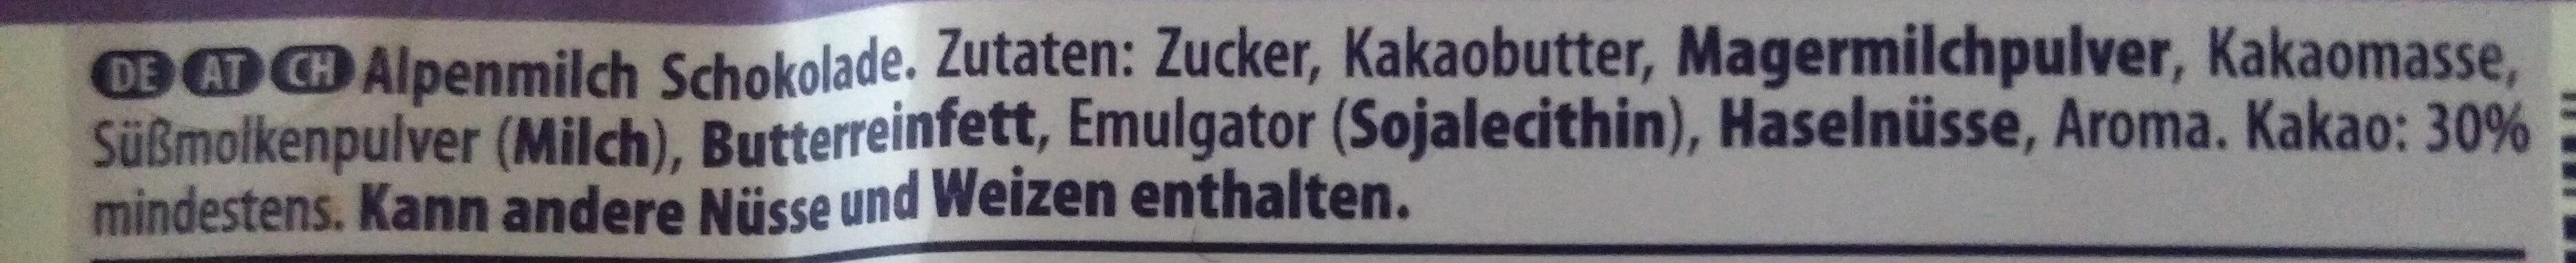 Alpenmilch Chocolate - Zutaten - de